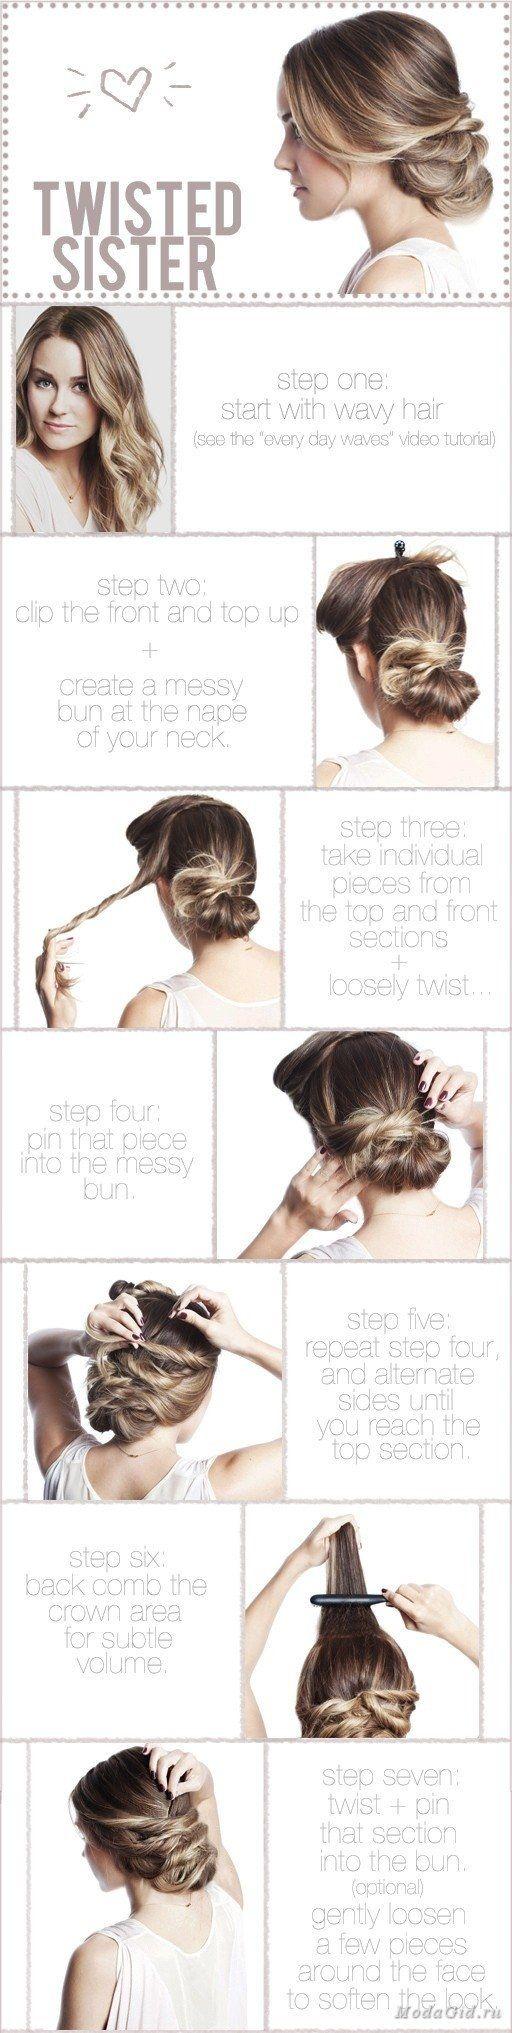 В этой публикации фото схемы по созданию несложных причесок для длинных волос и волос средней длины.